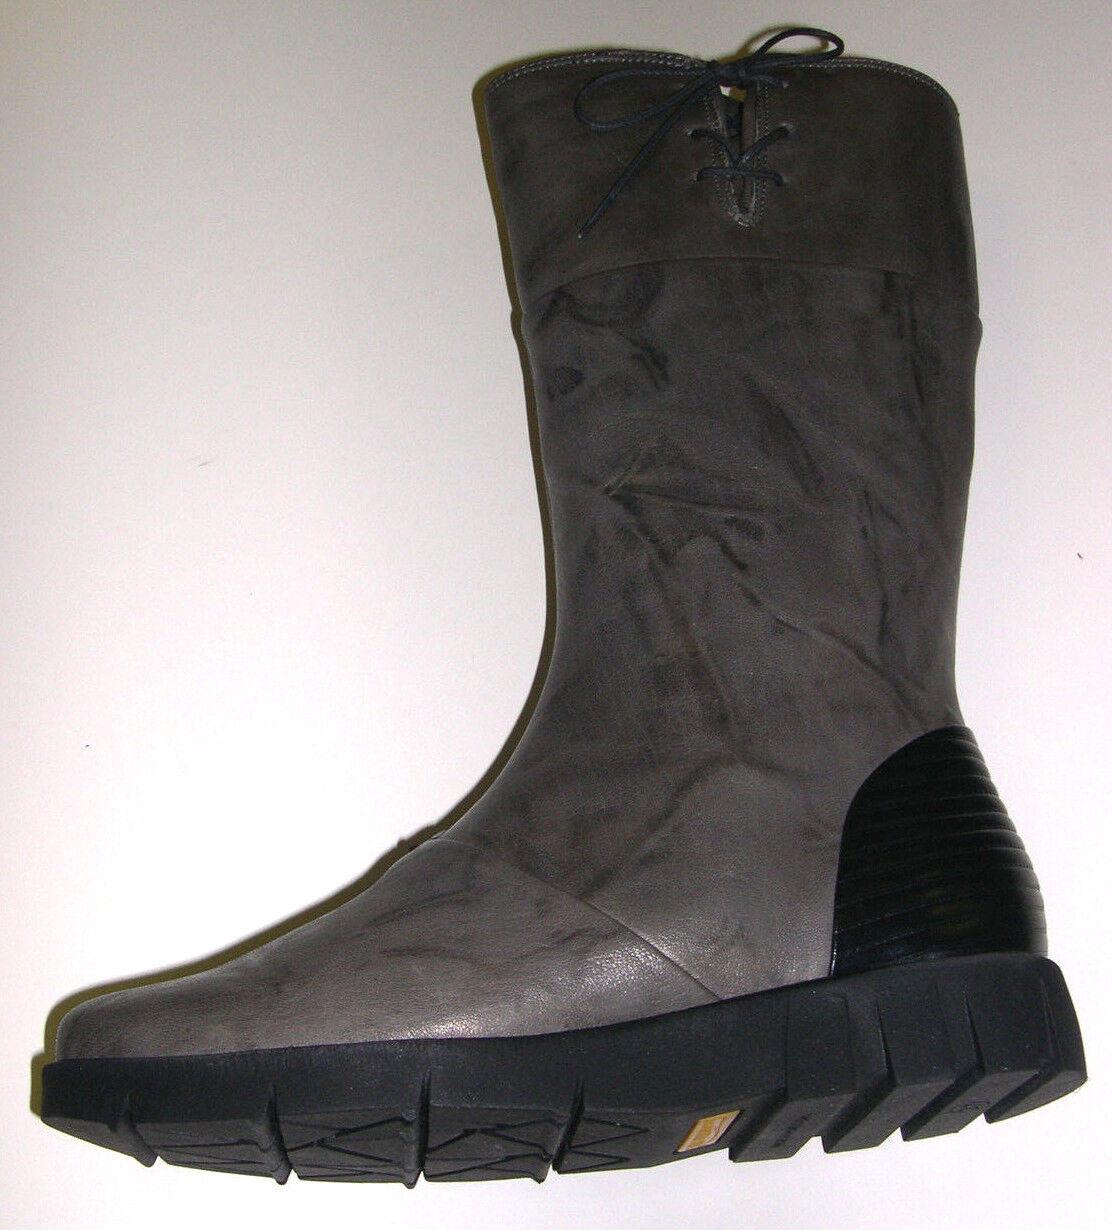 Softwaves Damen Schuhe Stiefel Stiefelette Wadenhoch 6.94.09 grau Leder